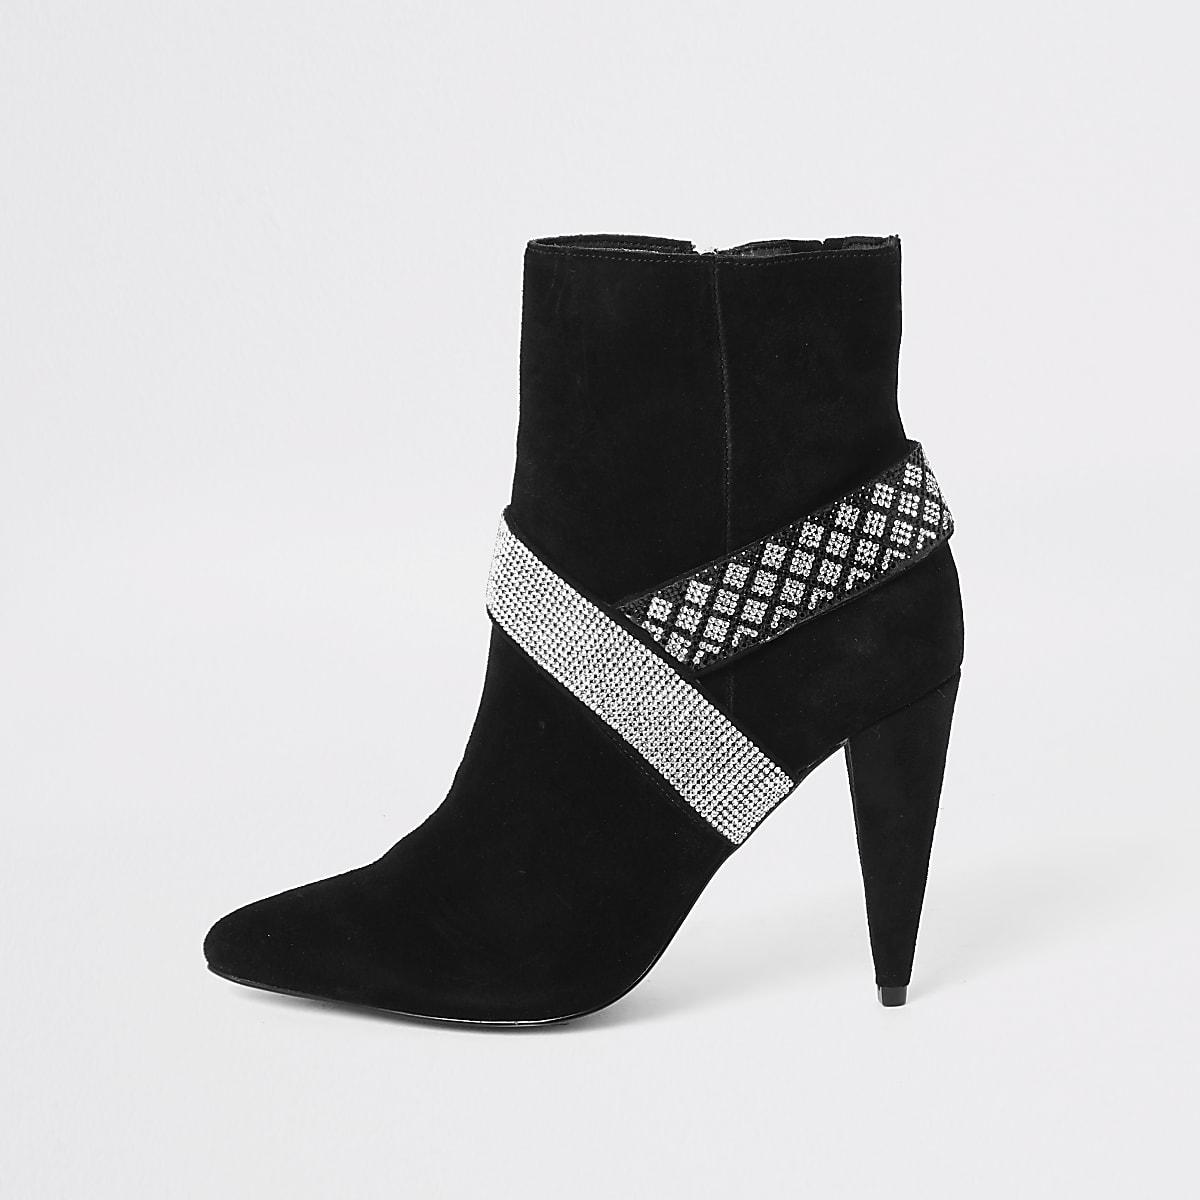 Zwarte suède laarzen verfraaid met siersteentjes